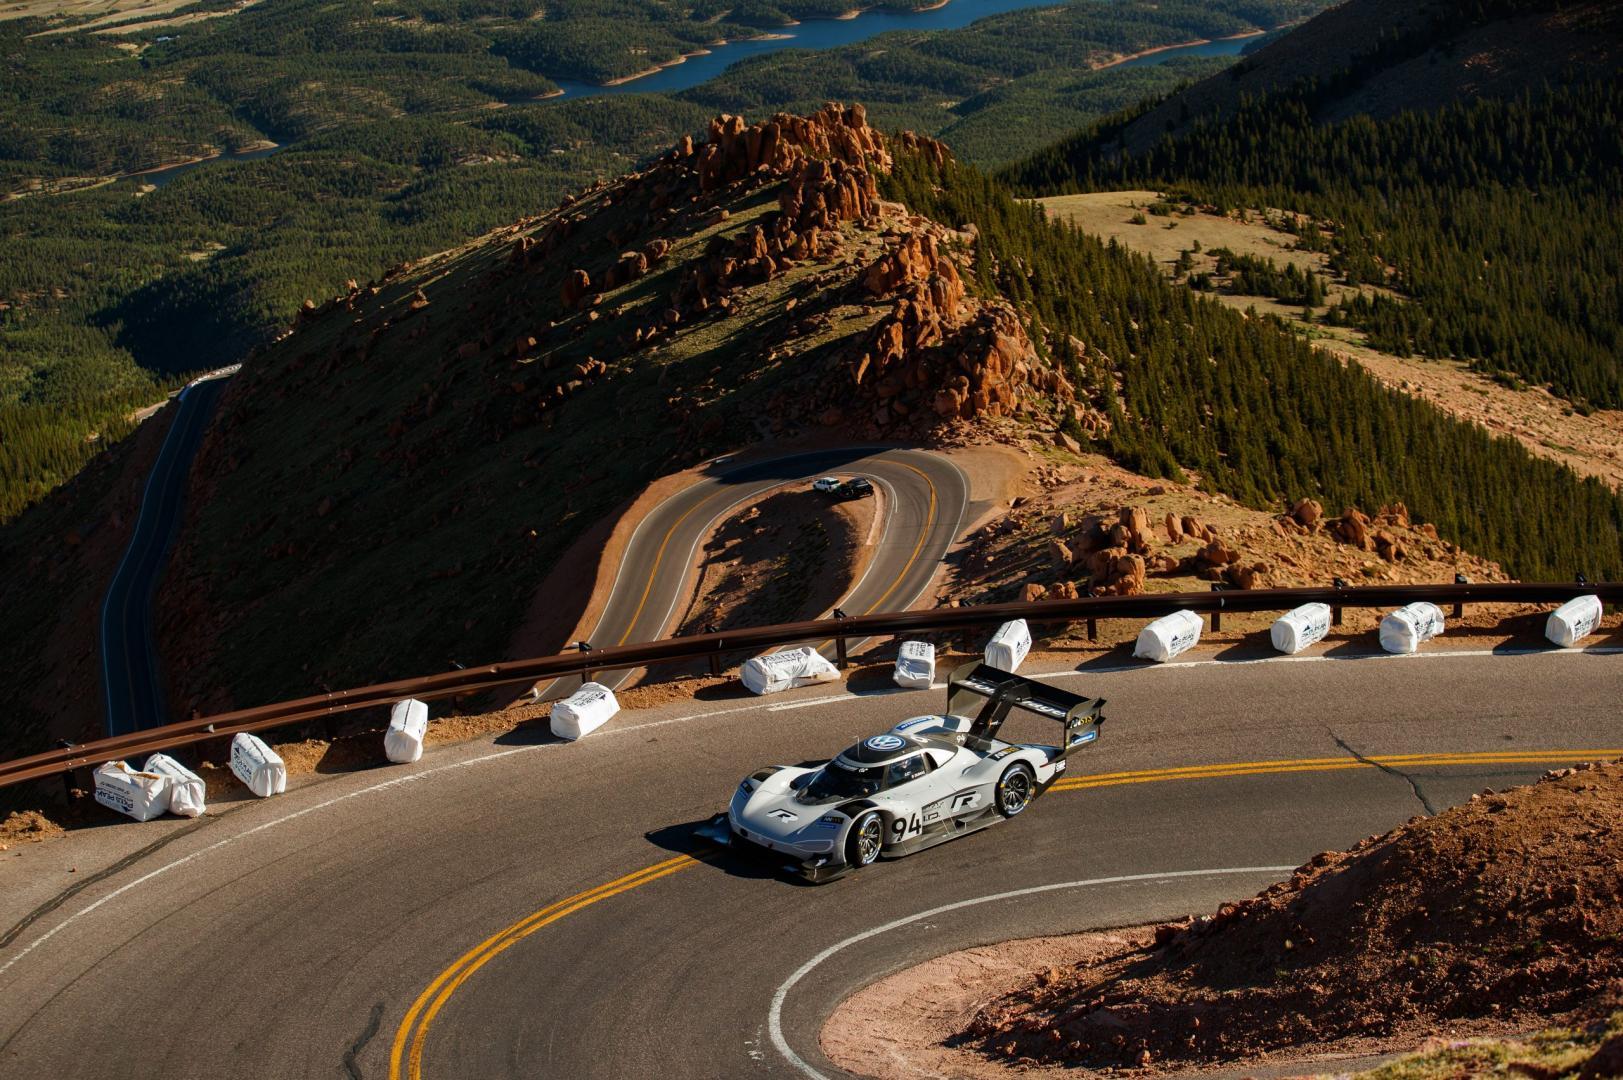 snelste pikes peak tijd volkswagen i.d. r